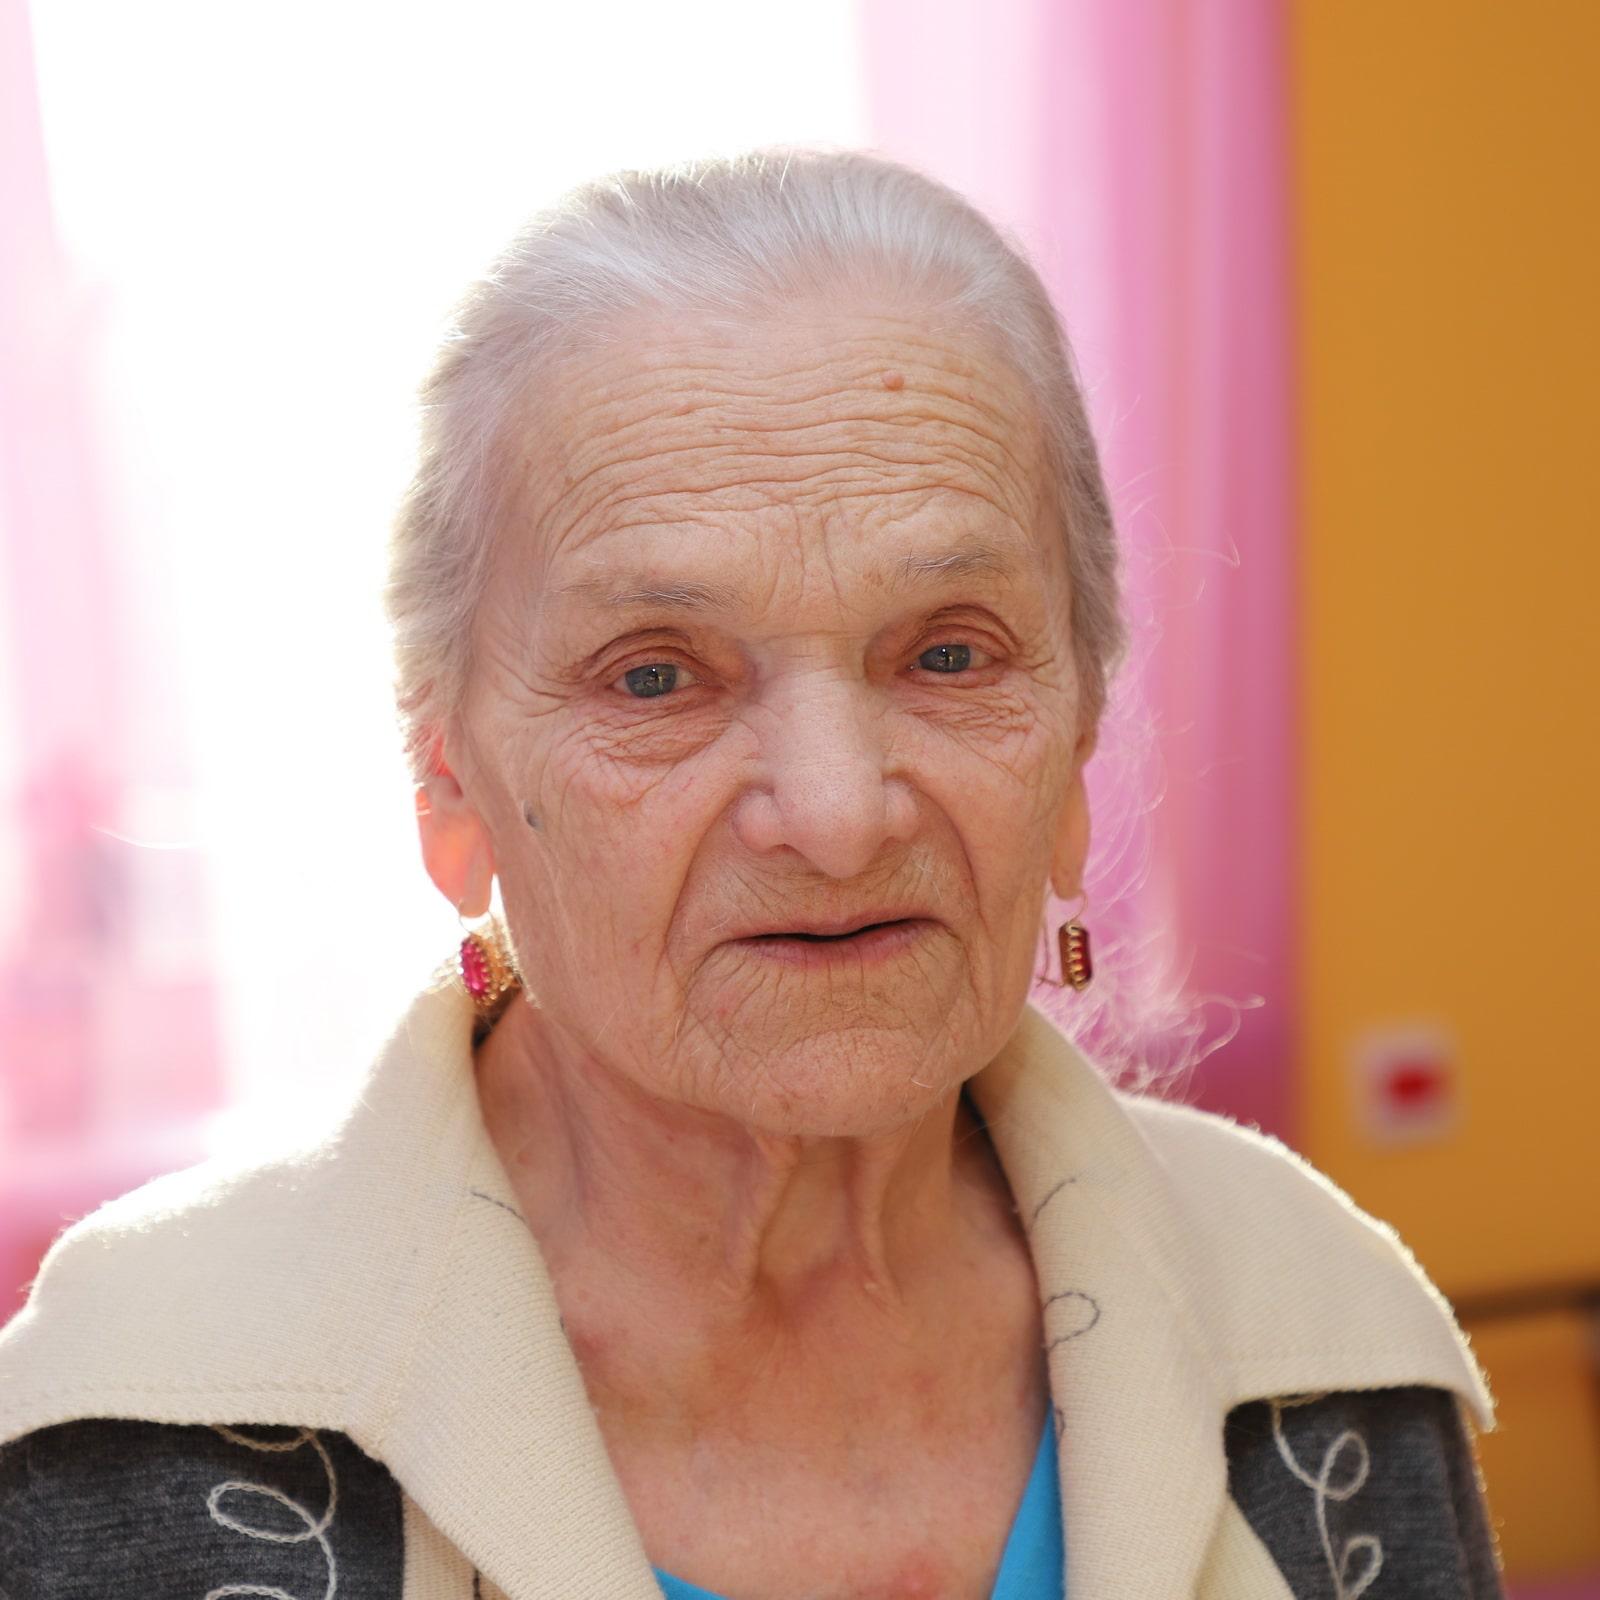 Пансионат для пожилых «Лосиный остров»